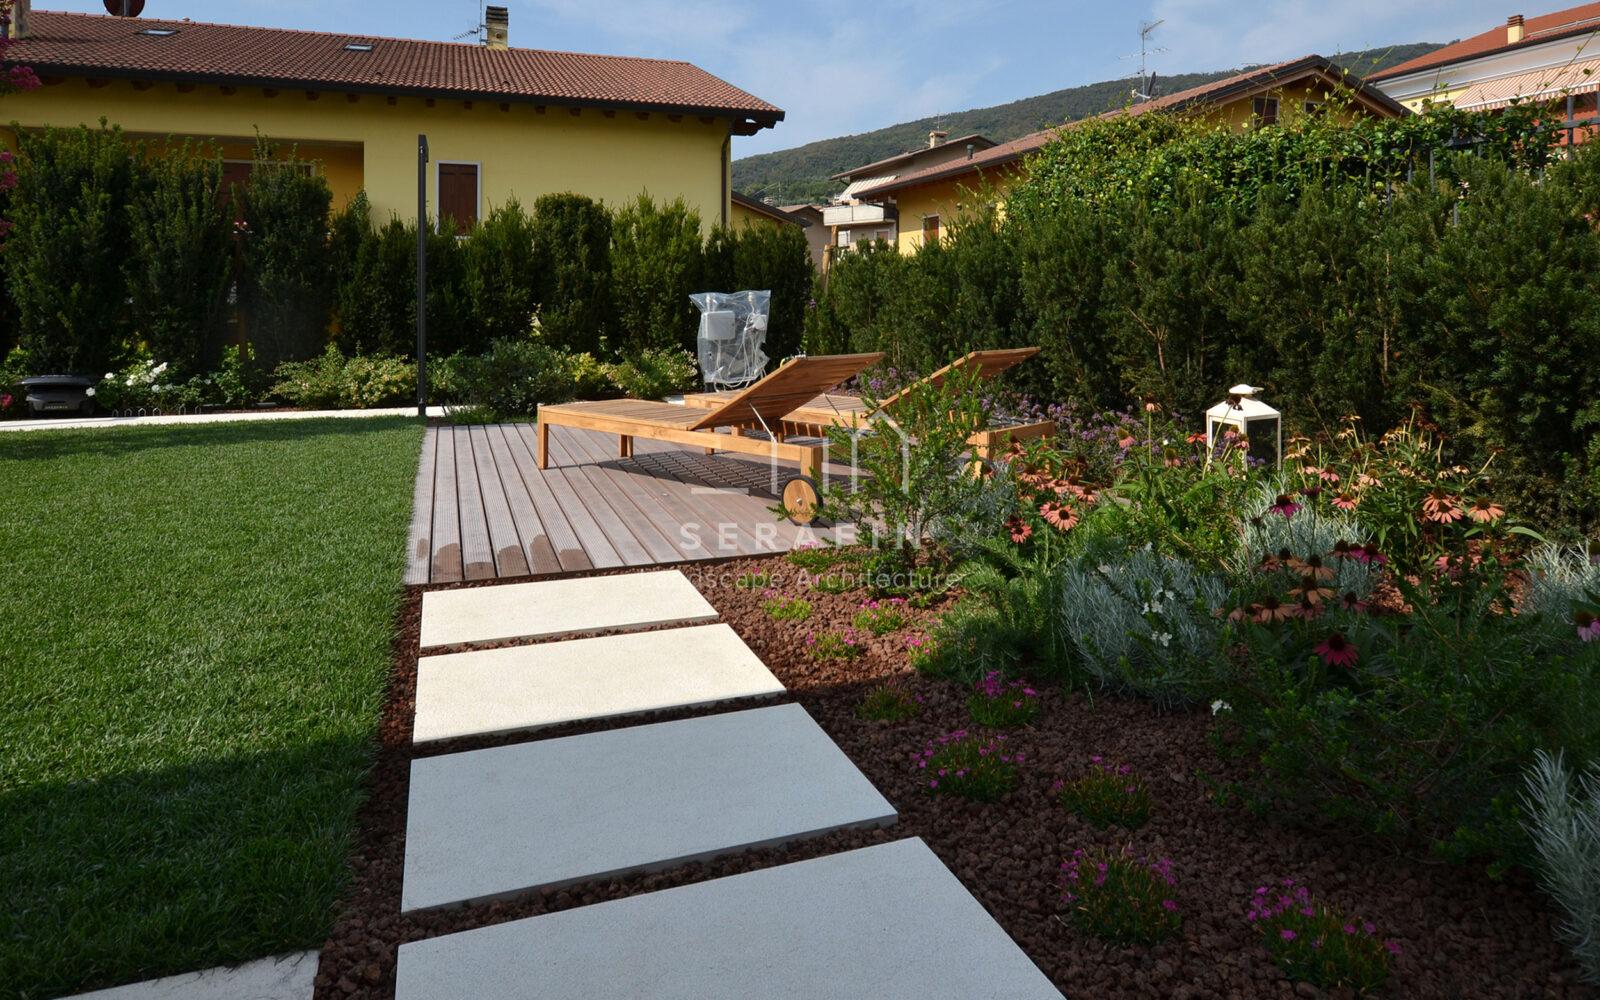 progettazione e costruzione di un giardino privato a Verona